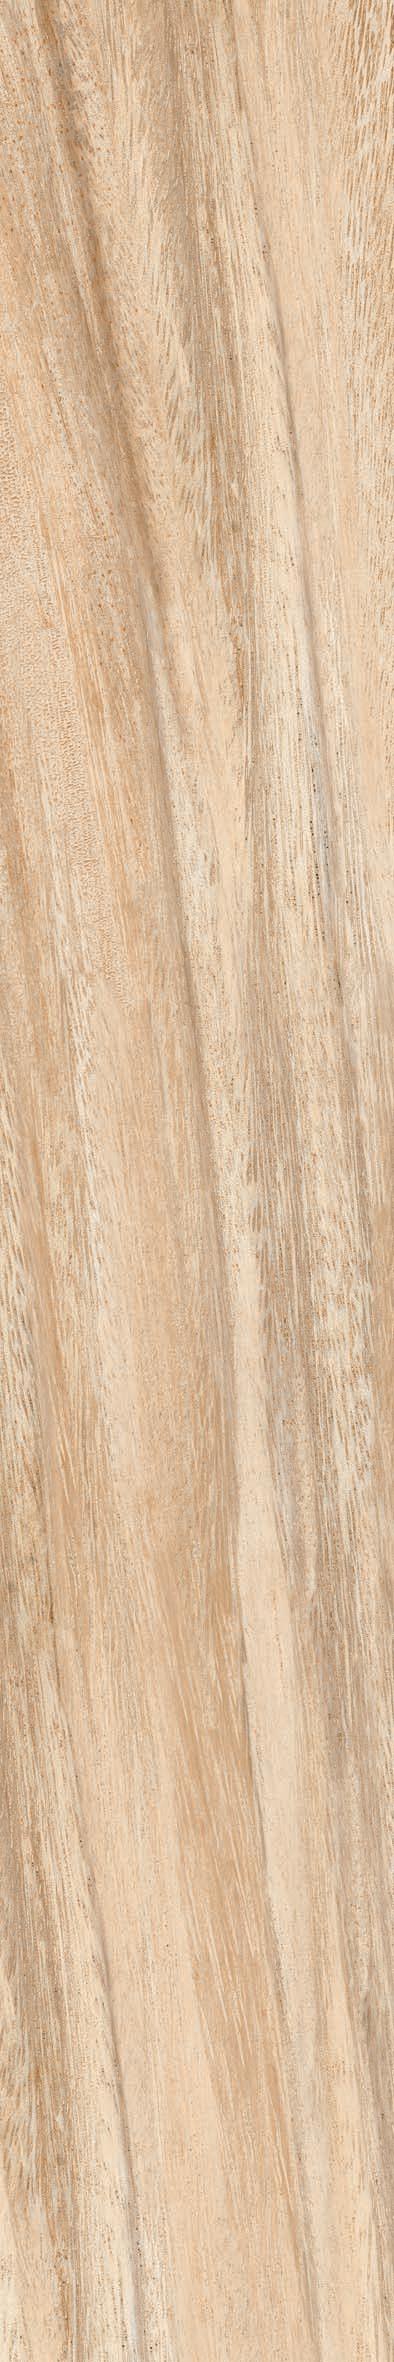 zibo madera baldosas de cermica azulejos barato piso de cermica azulejos barato